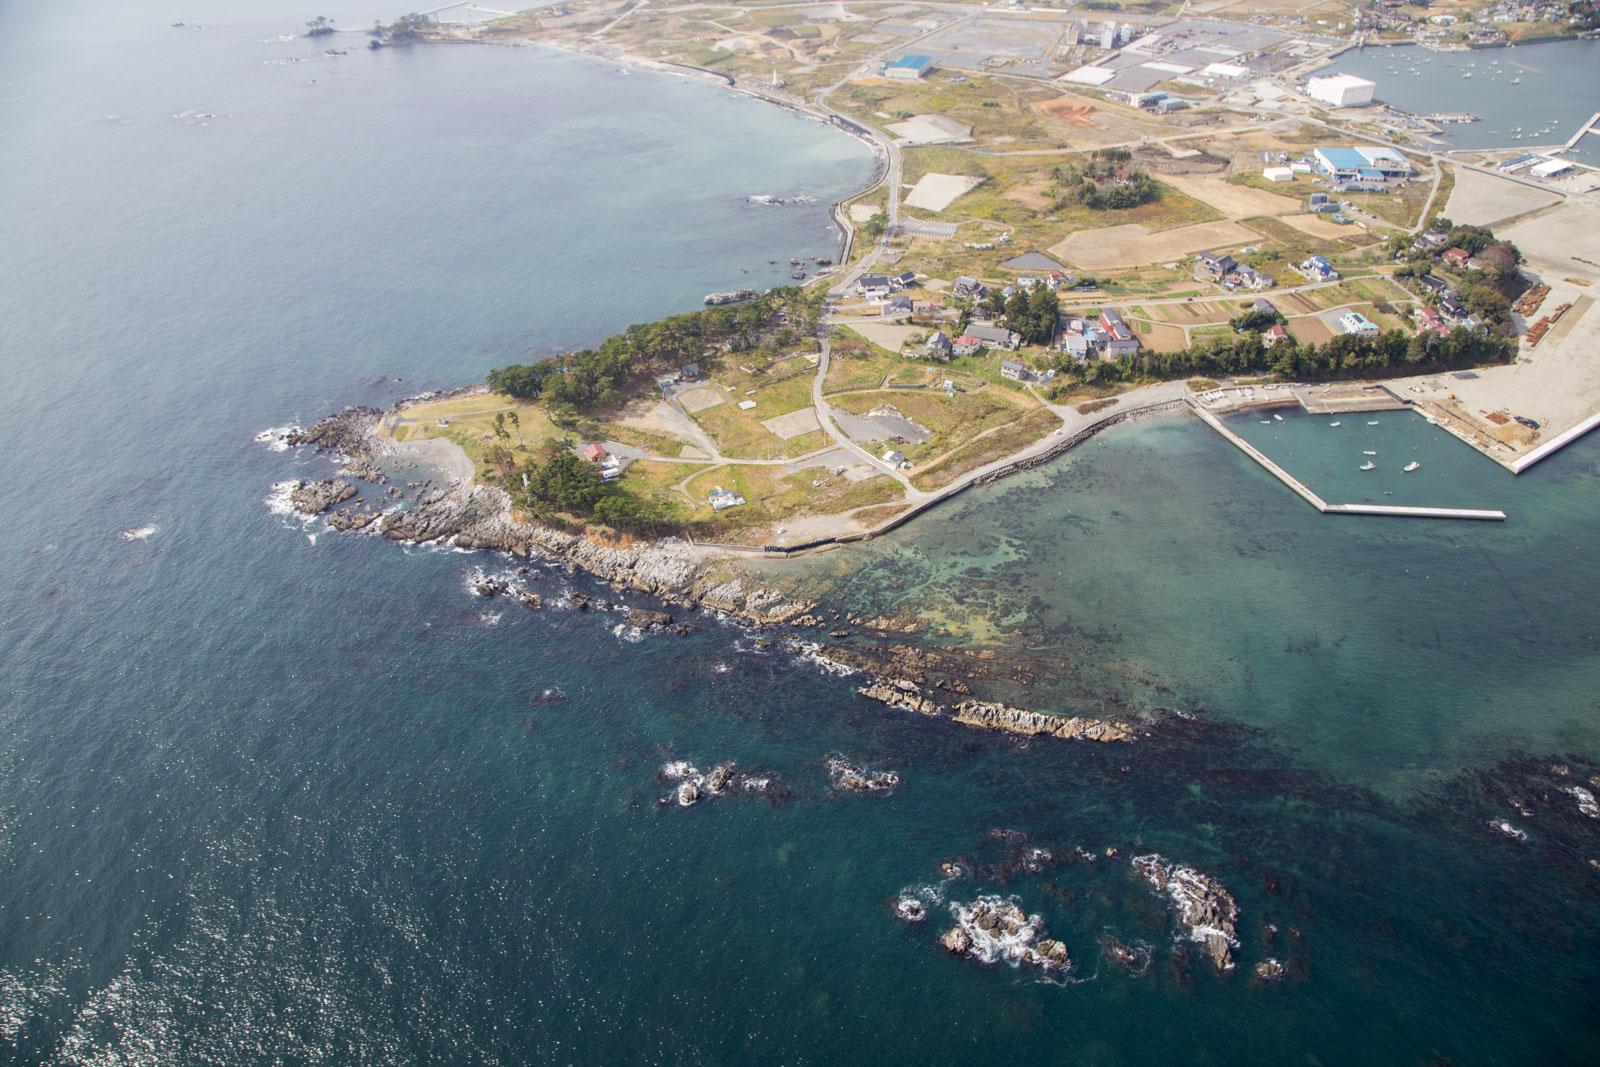 aerialphoto2-009